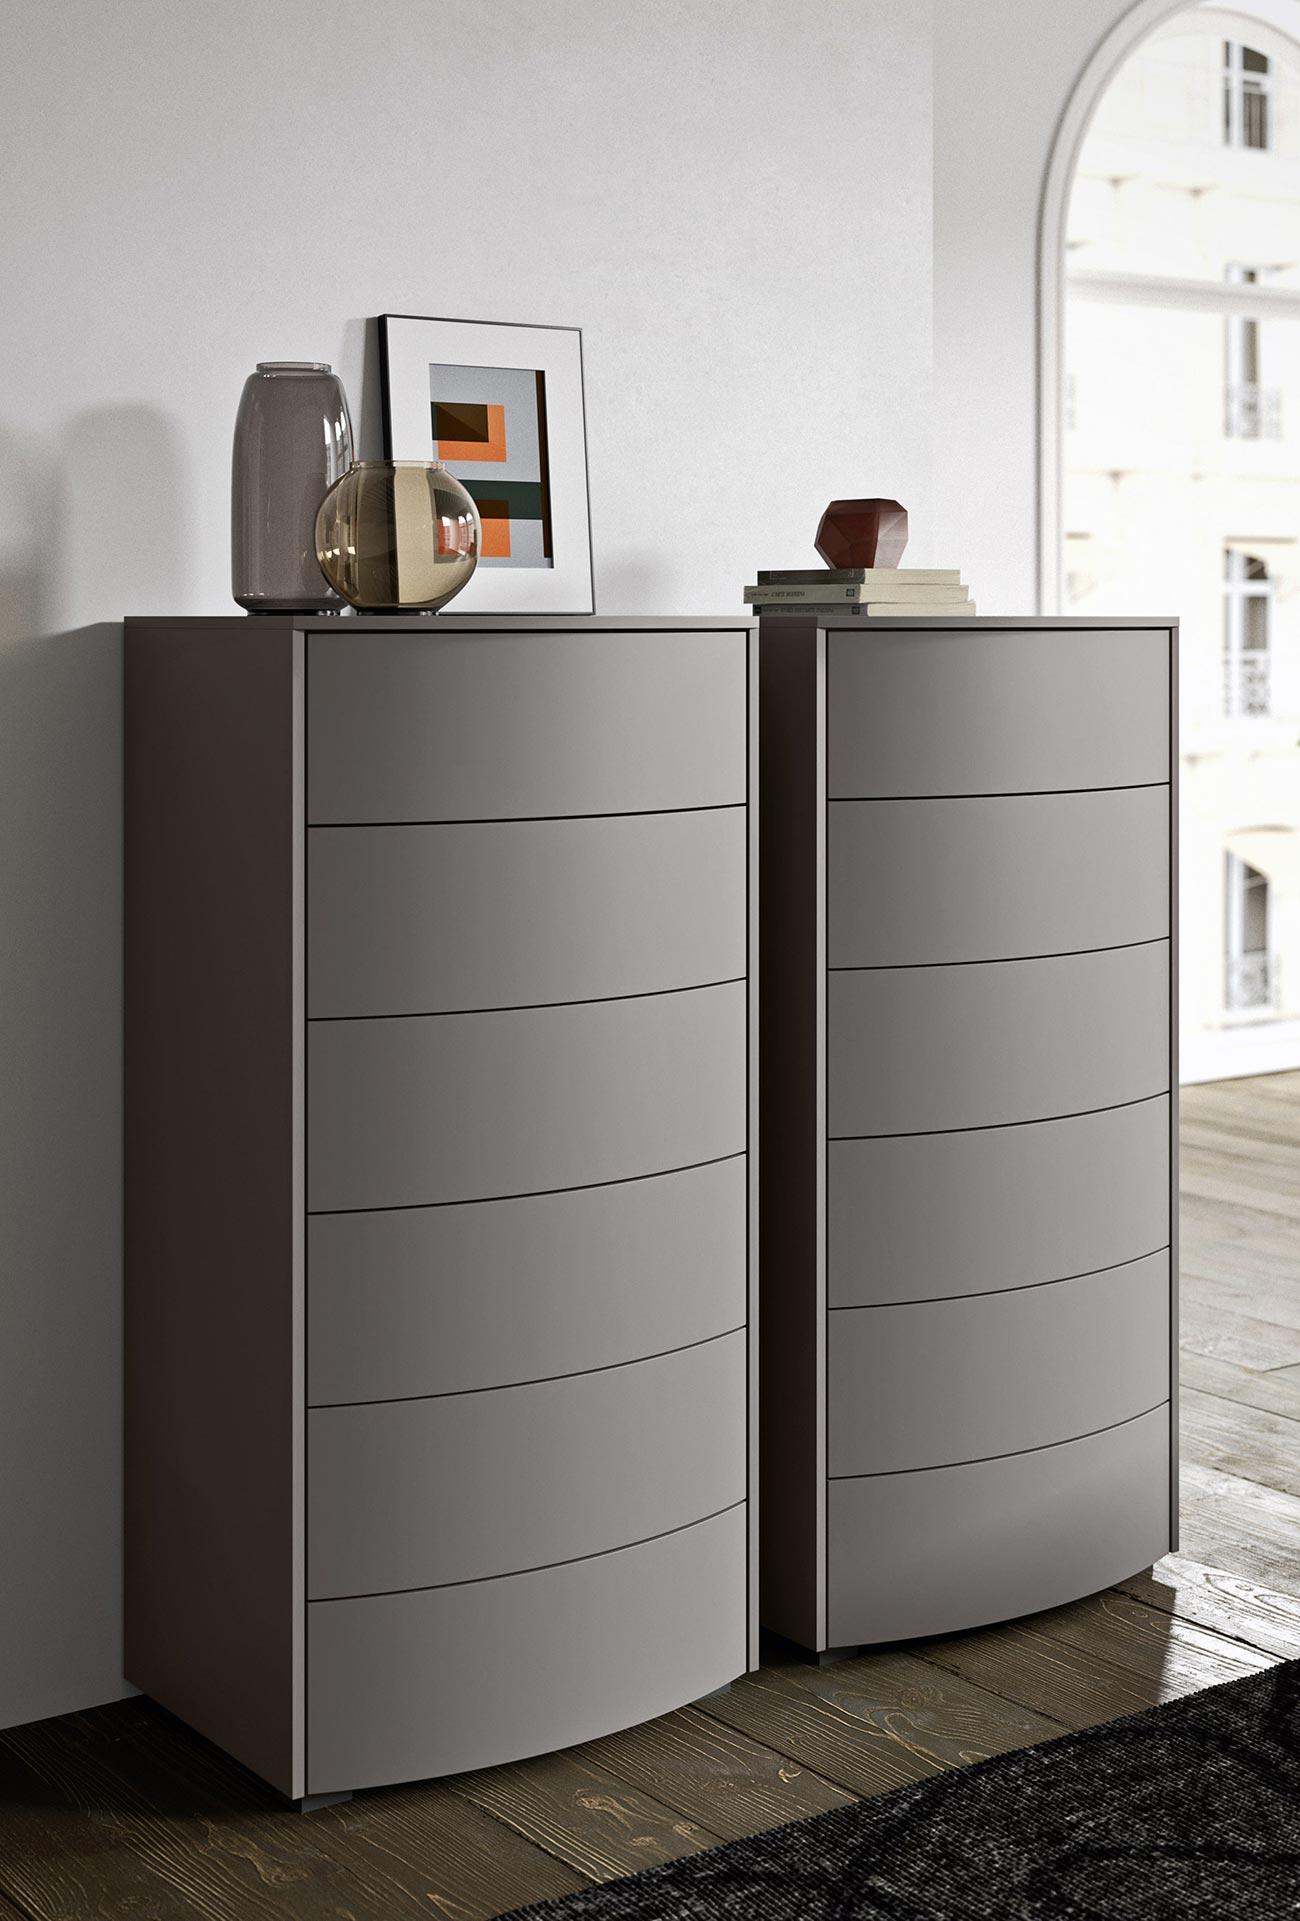 TENSO - Comodini, comò e settimanali moderno | MAB Home Furniture